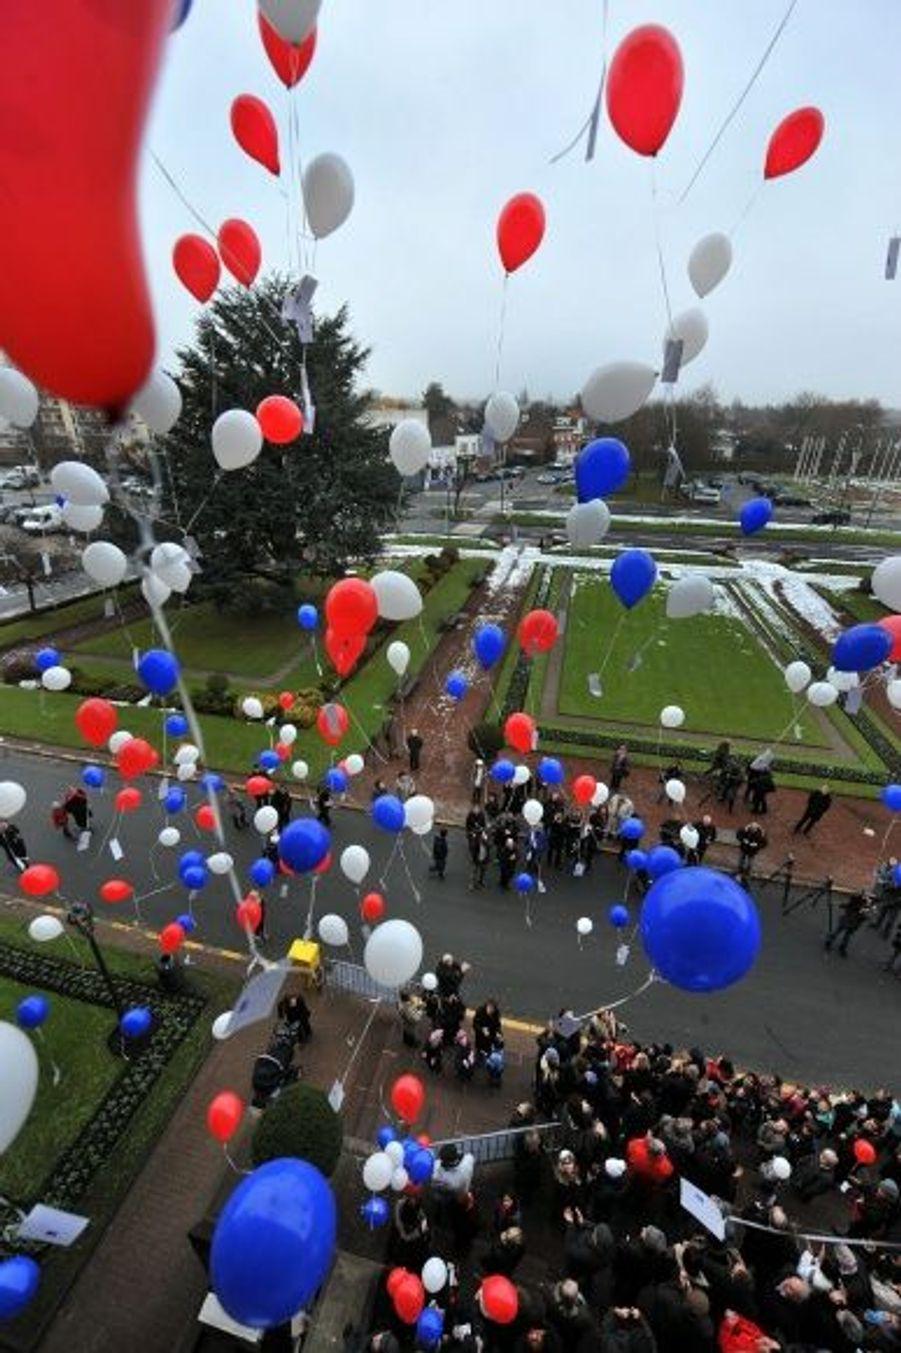 Un lâcher de ballons devant la mairie de Marcq en Baroeul, d'où est originaire Hervé Ghesquière.